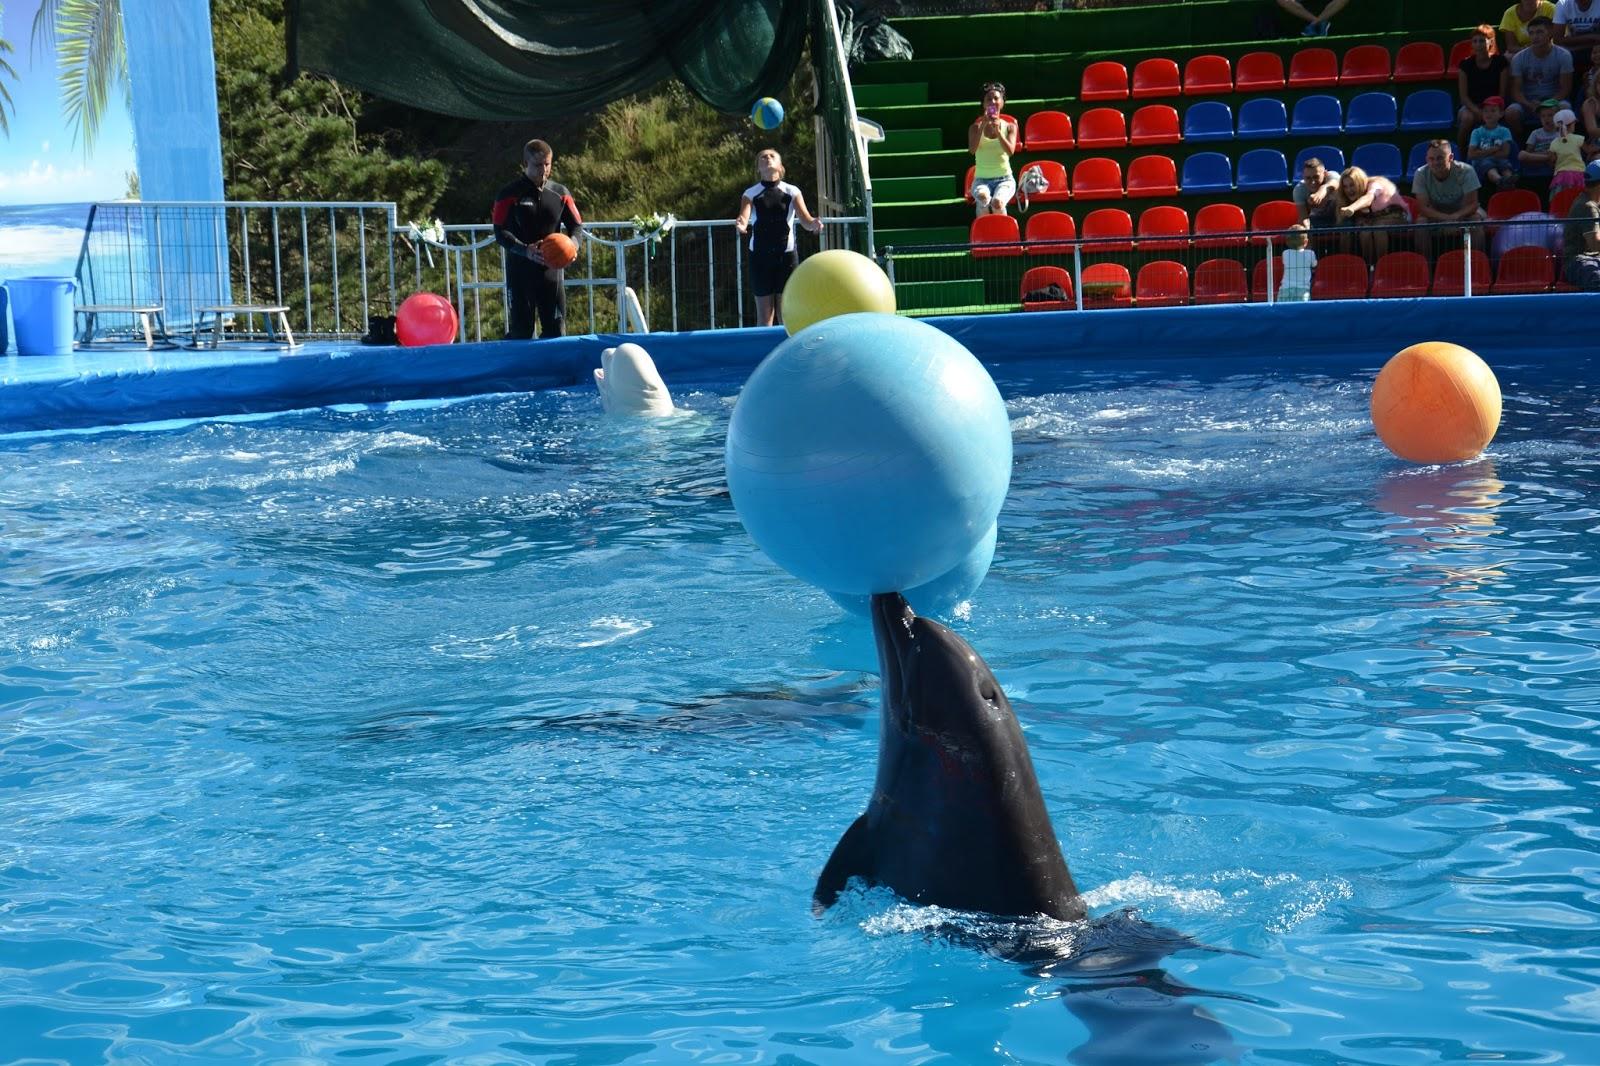 дельфинарий ялта фото этого